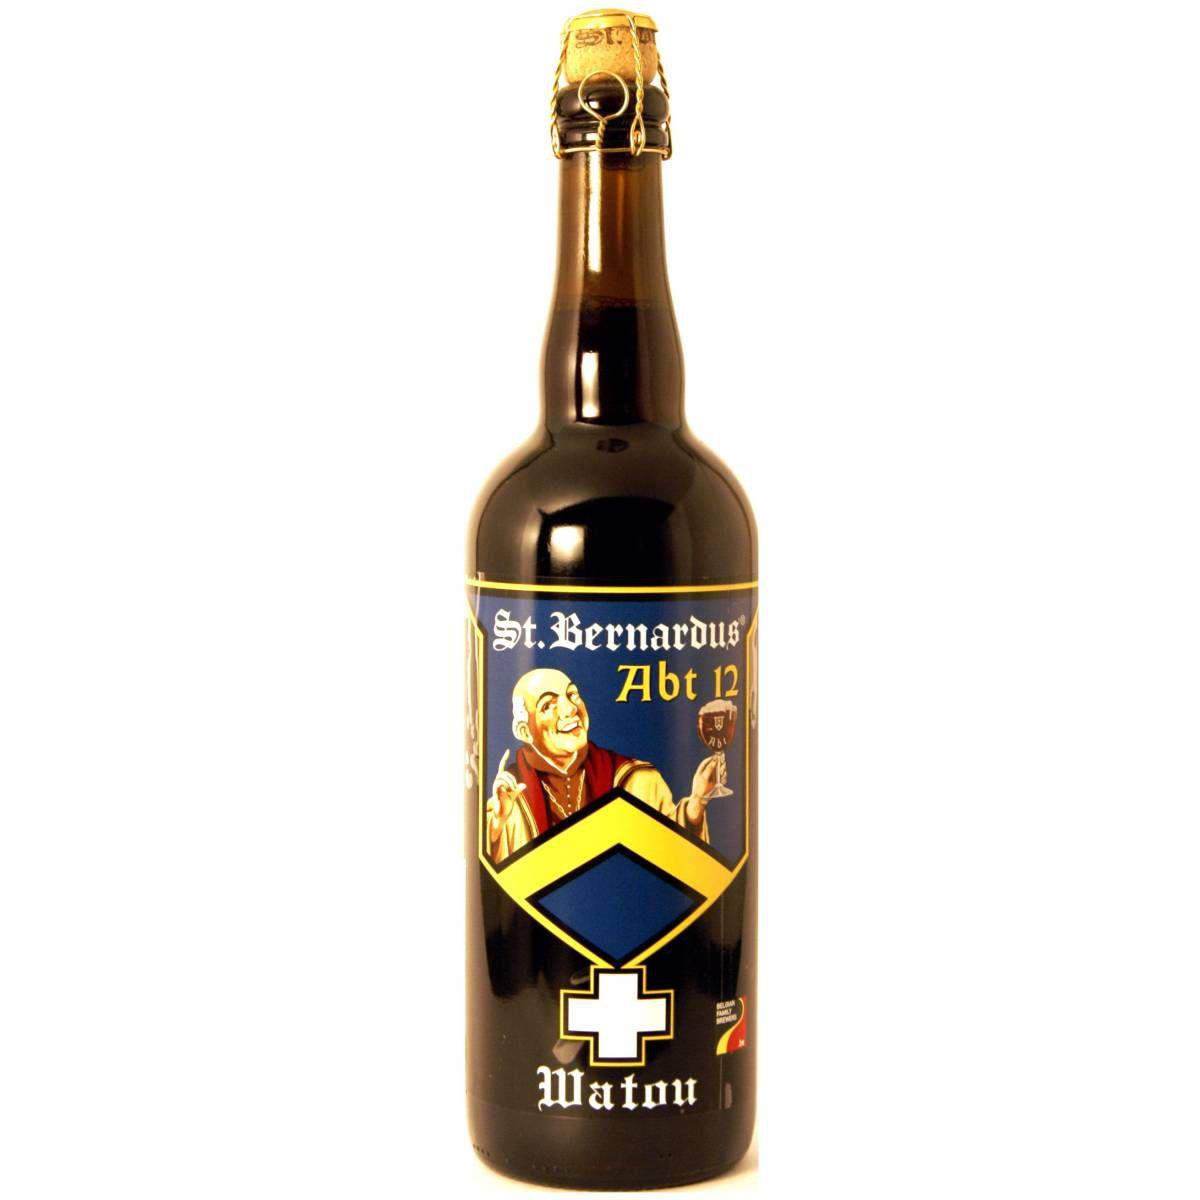 St Bernardus Abt 12 750ml